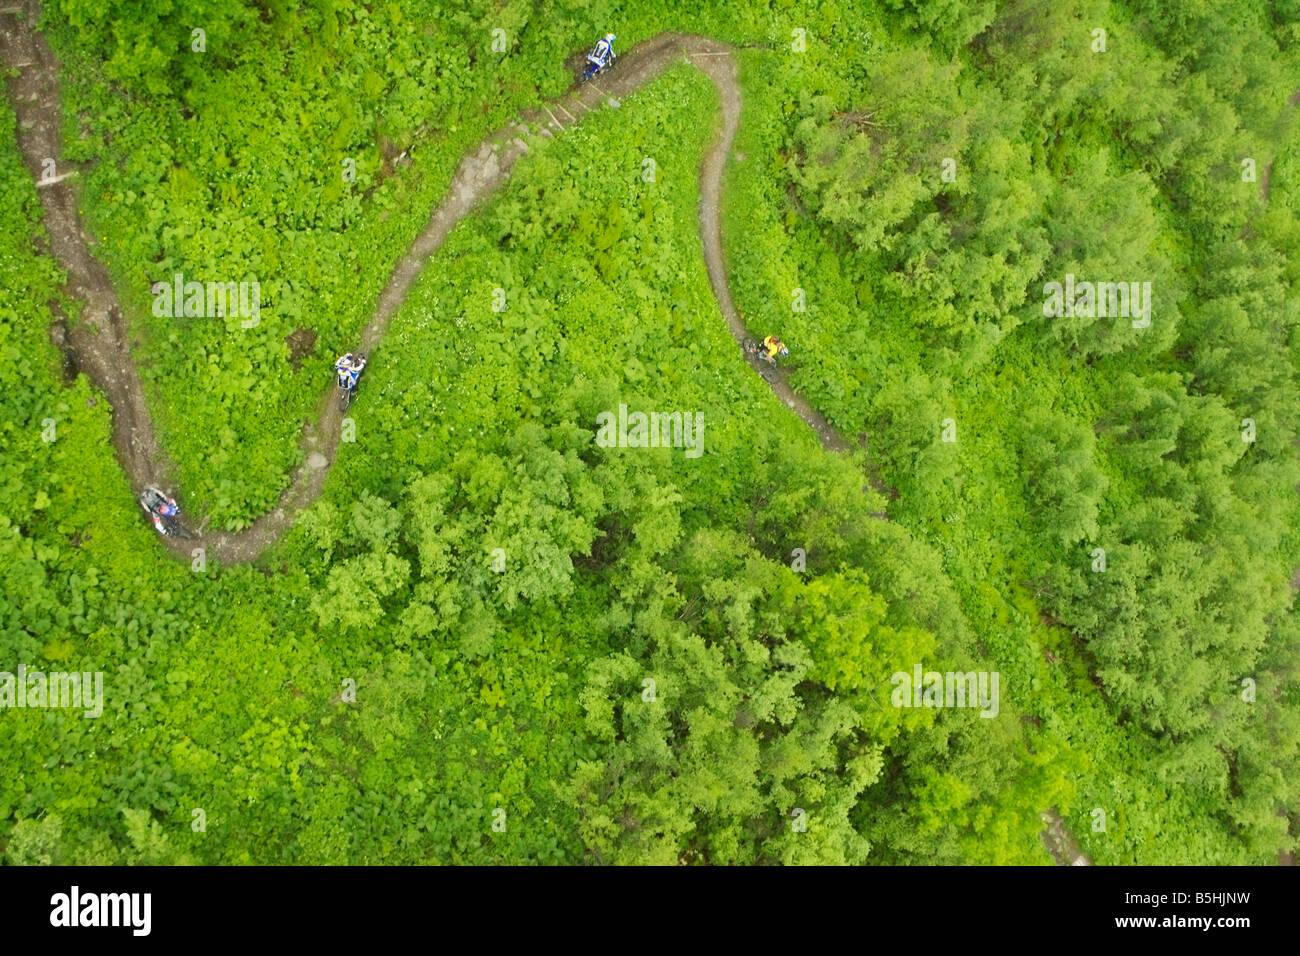 Quattro i ciclisti in discesa su un sentiero, la prospettiva aerea Immagini Stock